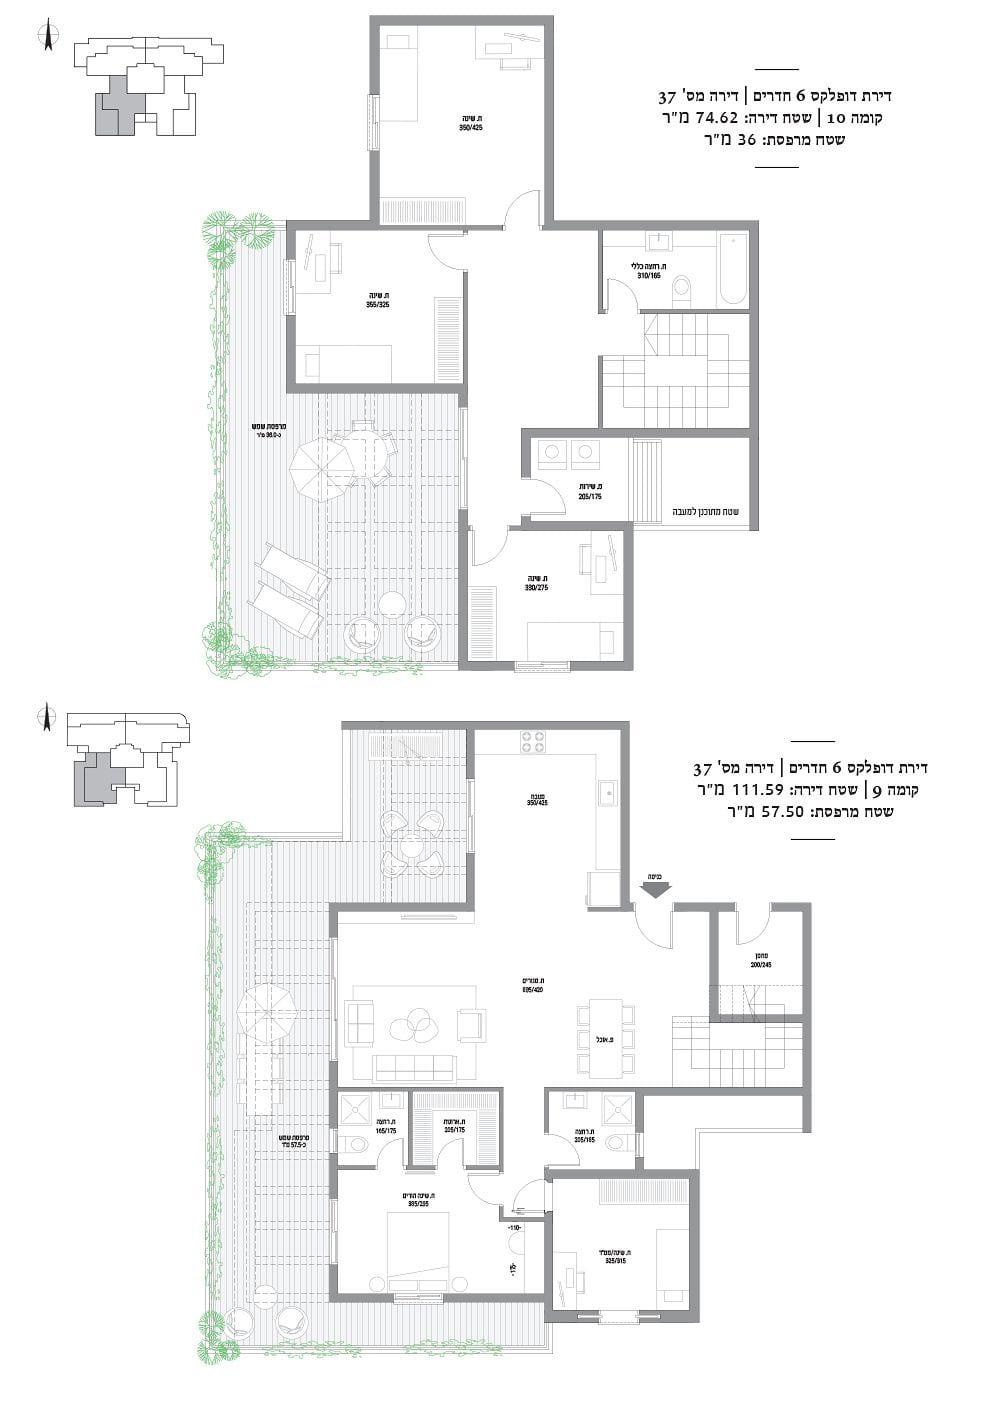 דופלקס 6 חדרים מספר 37: קומות 9-10